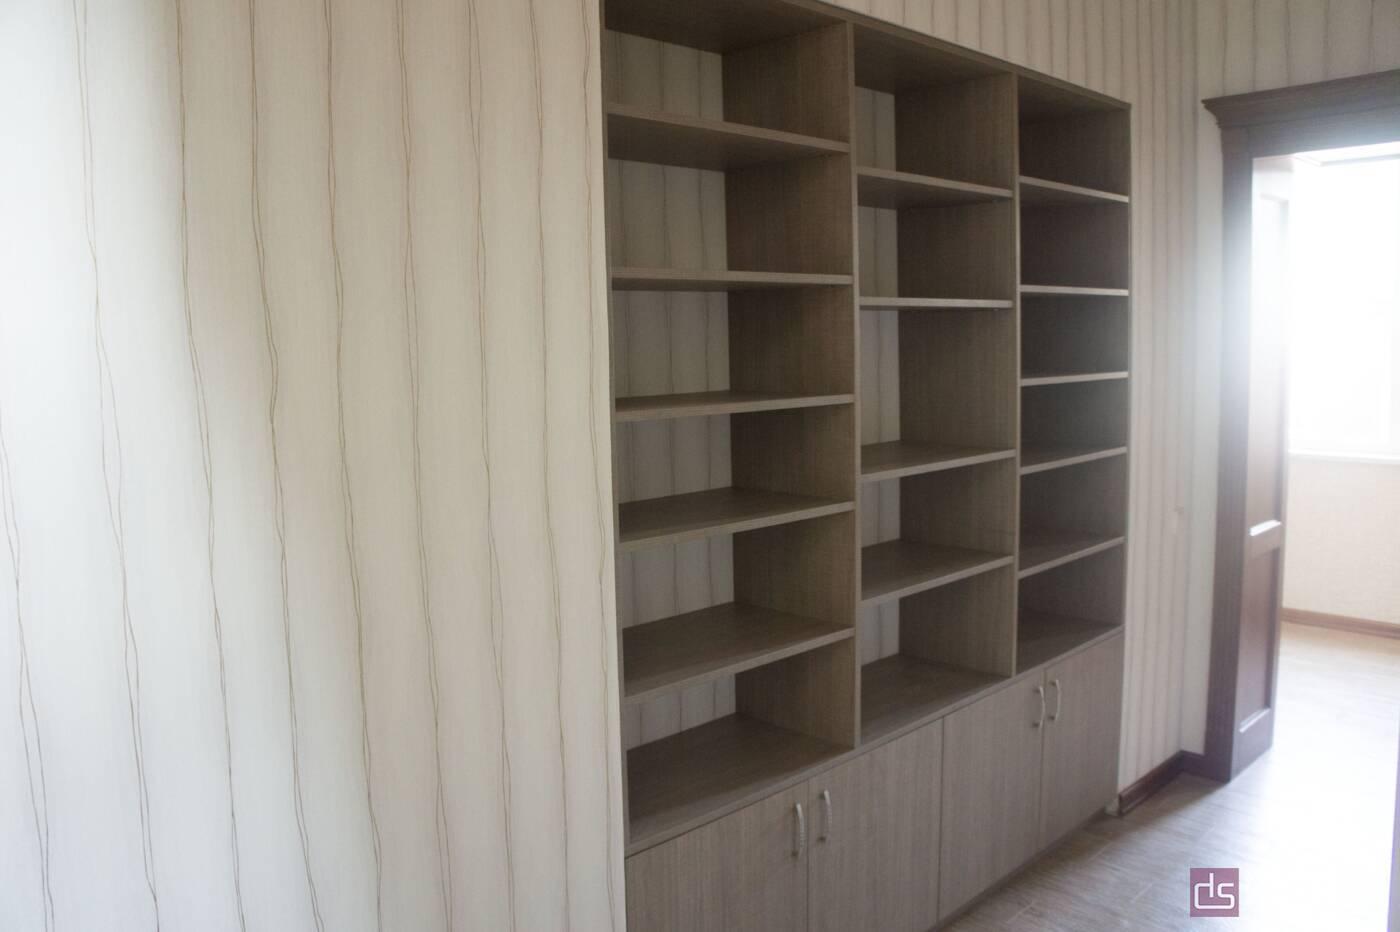 Мебельные стенки Мебельная стенка со стеллажами - Фото № 1